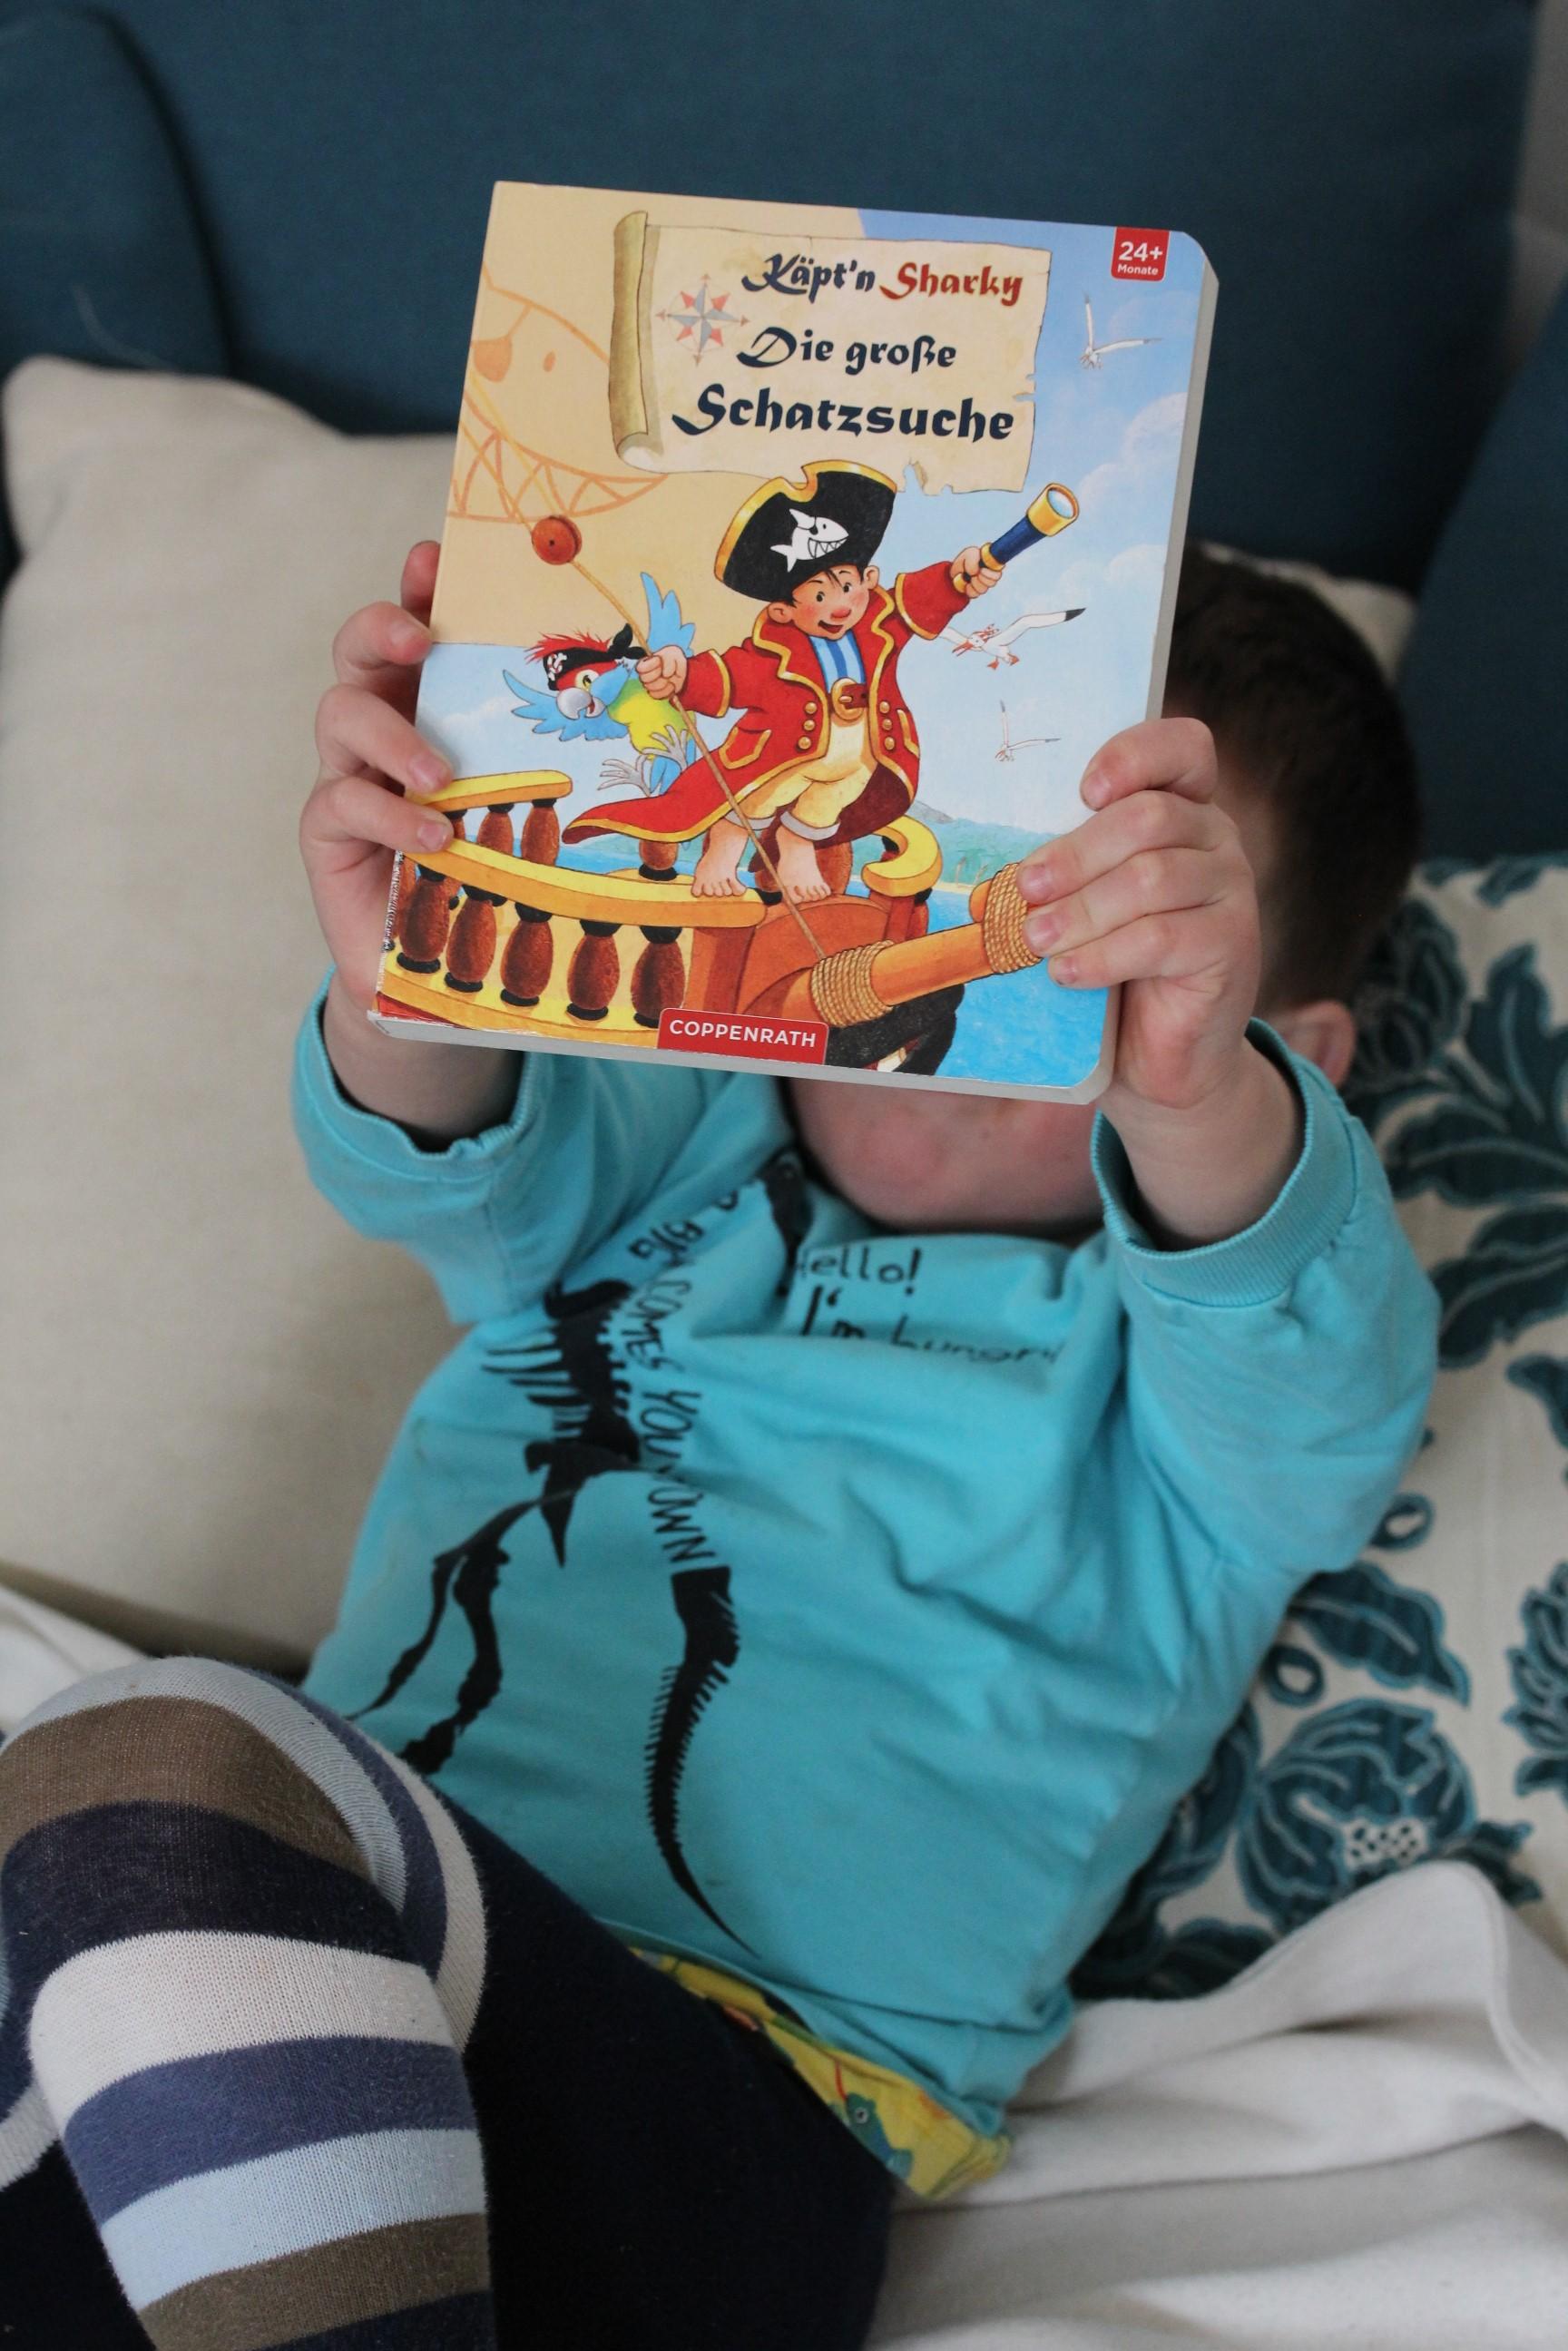 Familienalltag mit zwei Kids und einem Lieblingsbuch.